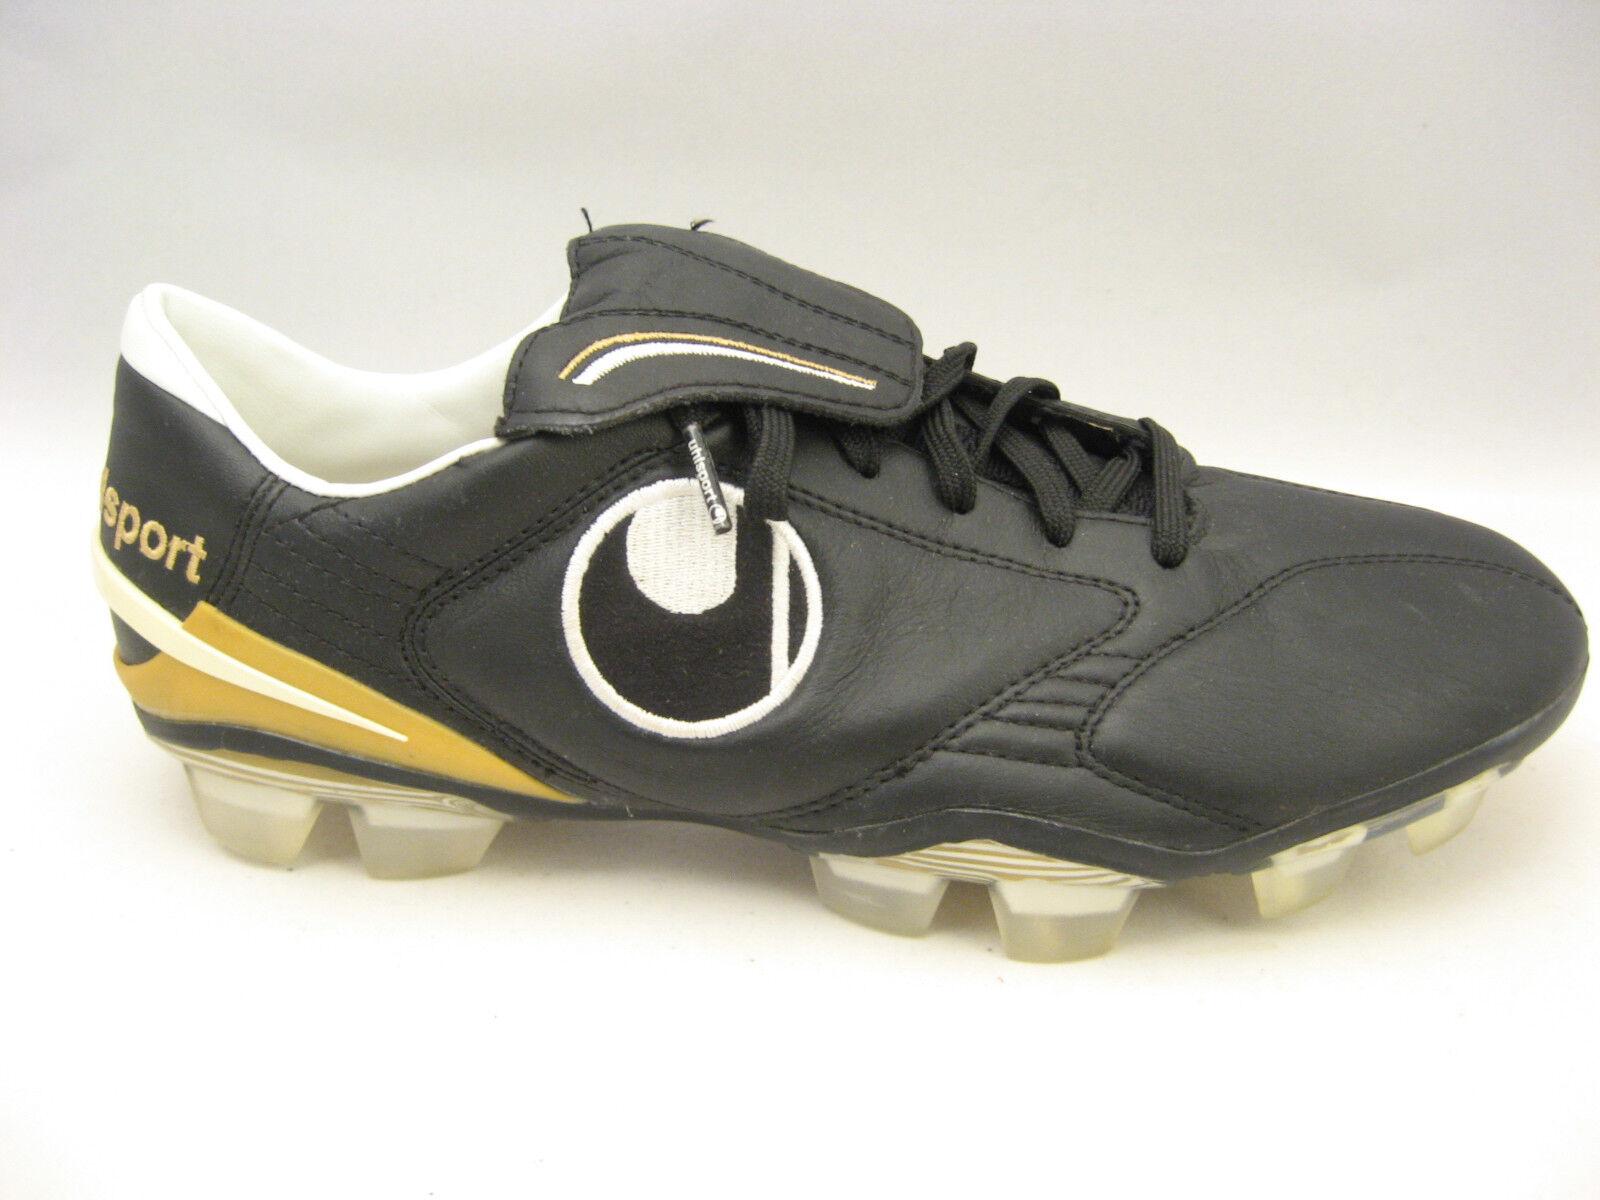 uhlsport Mens Kickschuh Legend FXG Soccer Cleats 12 Black Gold Football Boots